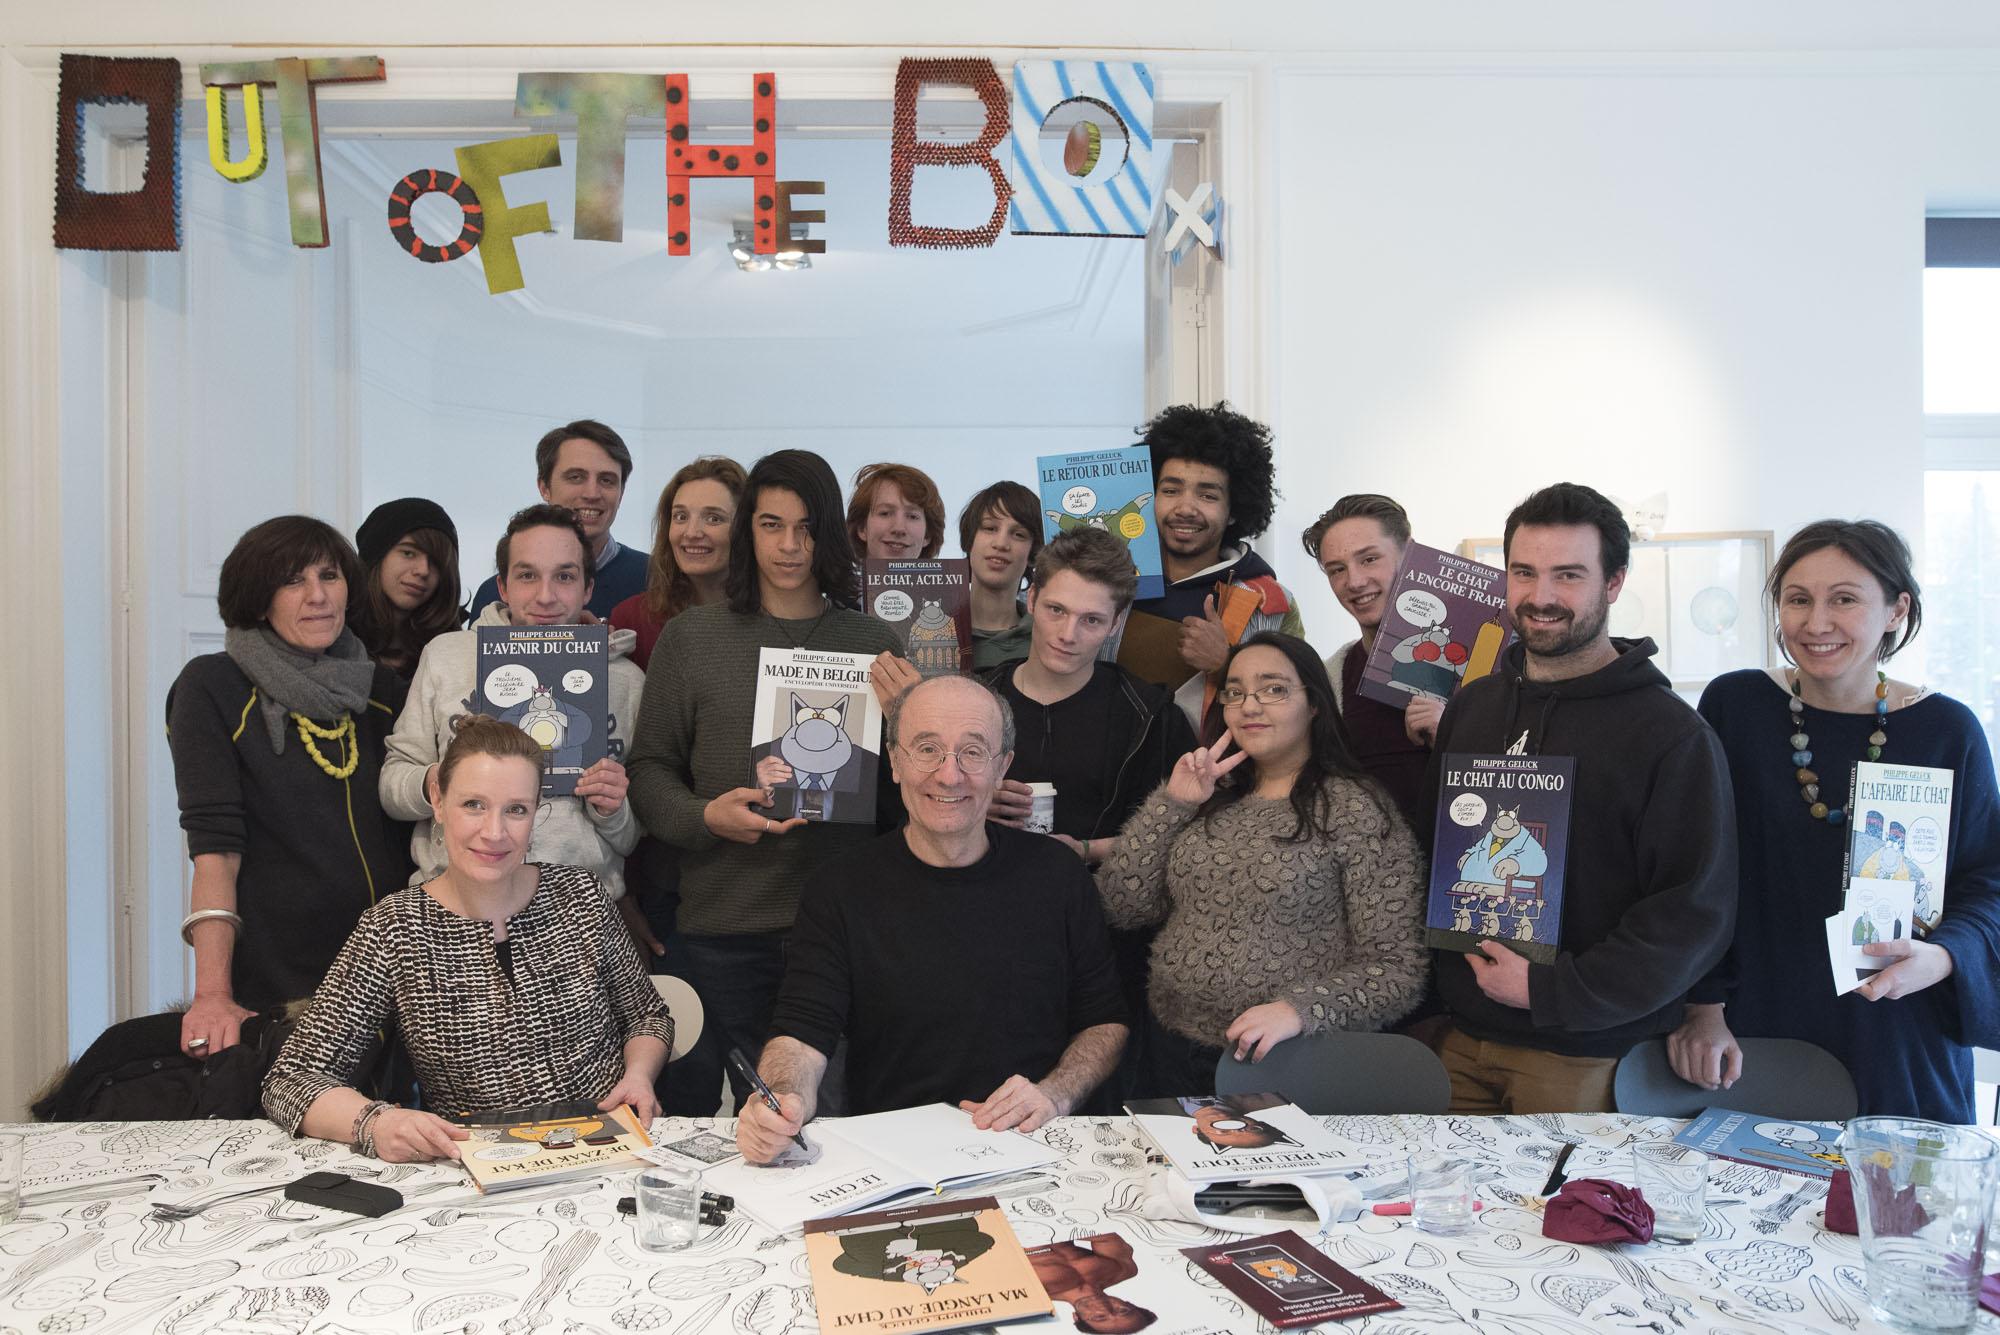 Philippe Geluck à Out of the box, atelier pédagogique à Bruxelles. Photographies de Jérôme Hubert